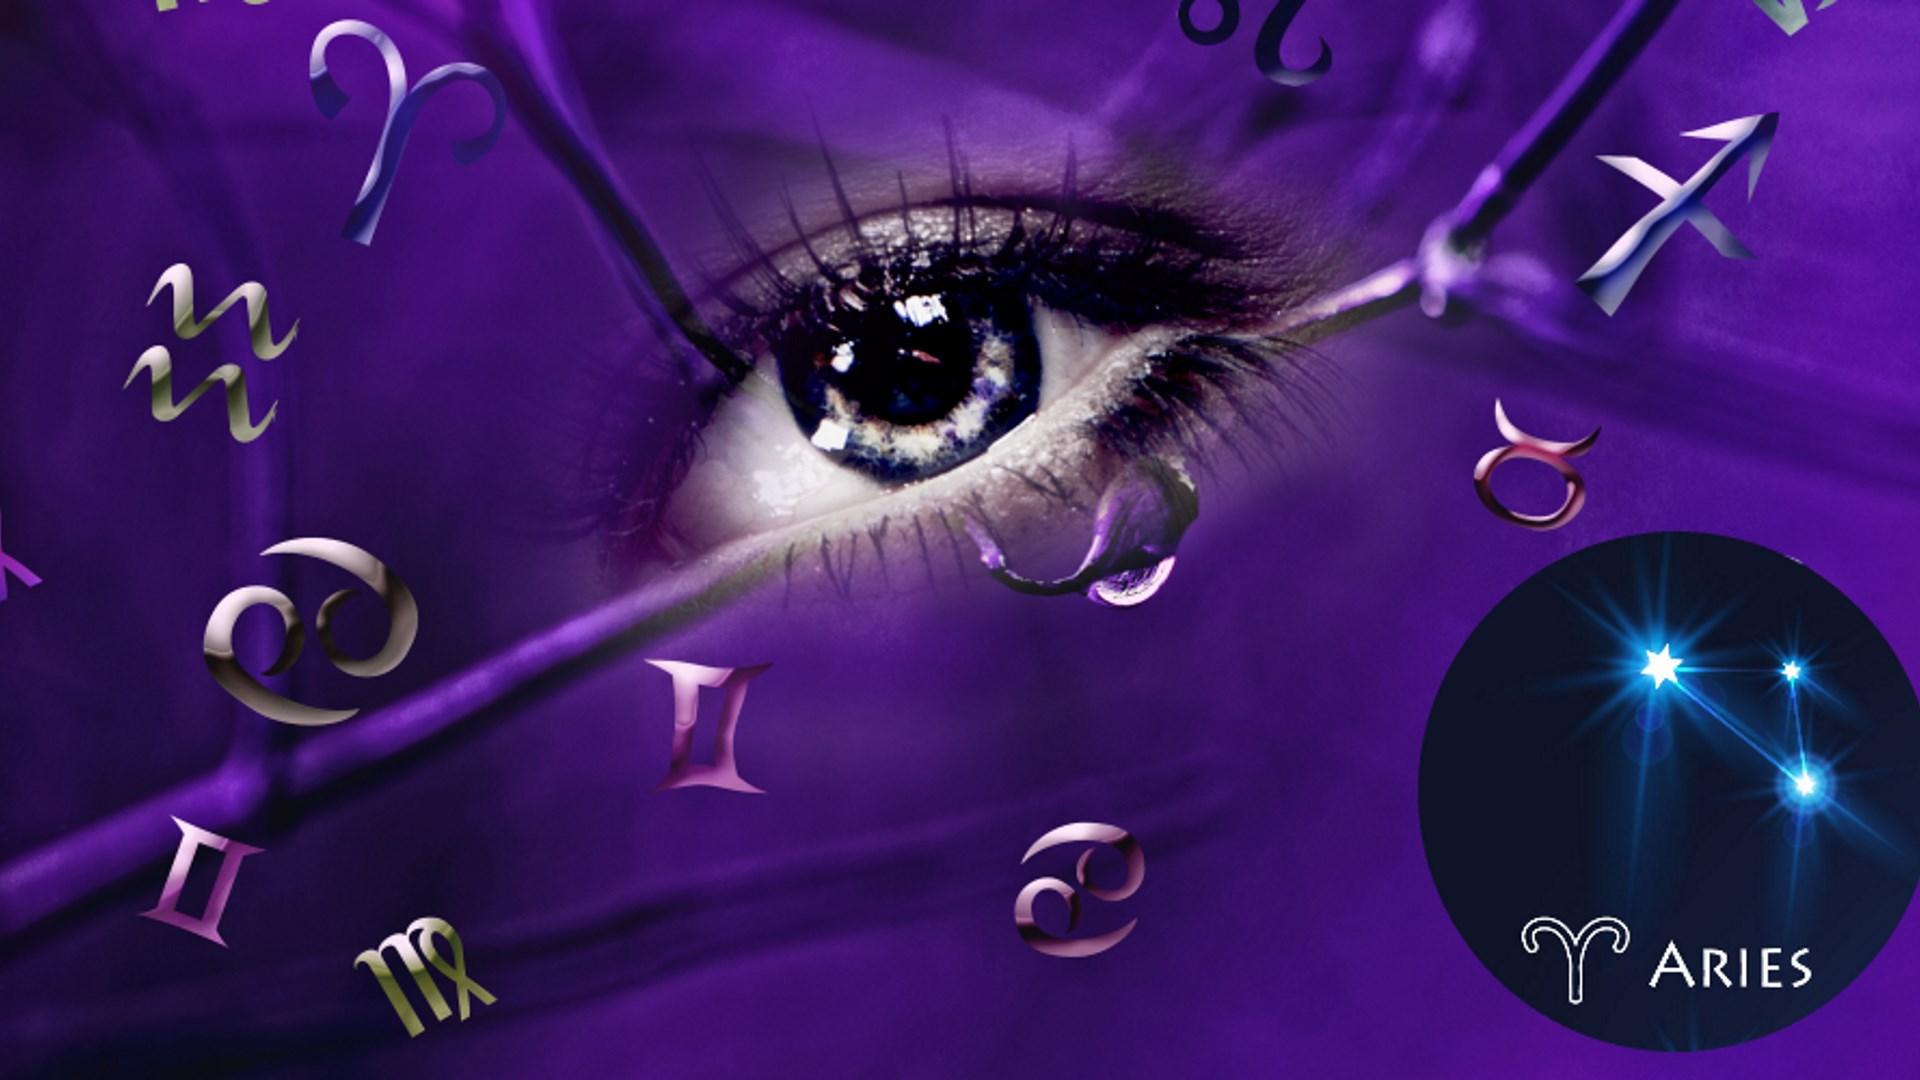 Get Aries horoscope 2019 - supernatural birth chart - Microsoft Store